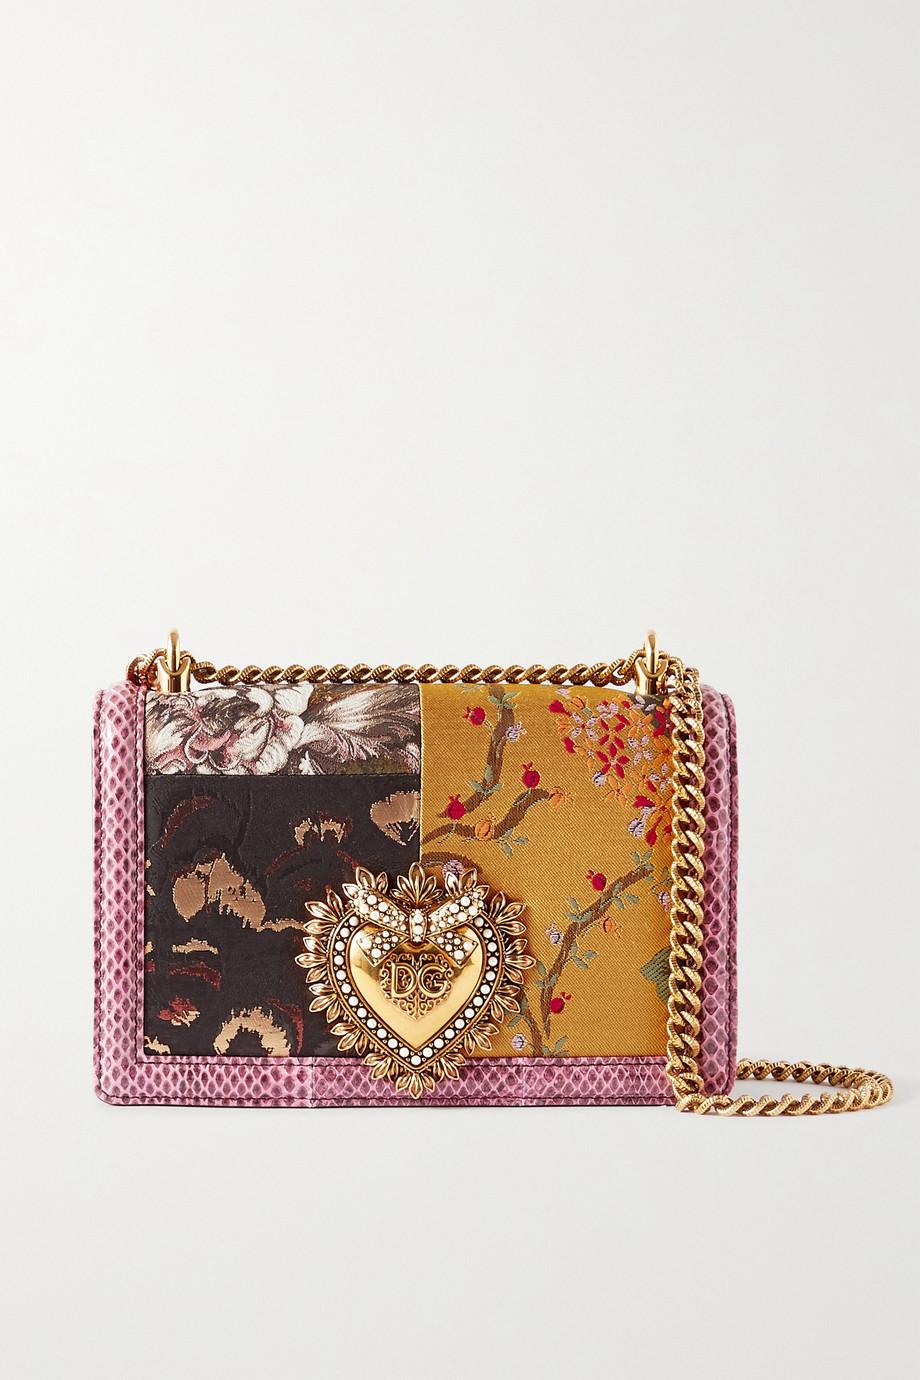 Dolce & Gabbana Devotion embellished floral-jacquard and watersnake shoulder bag